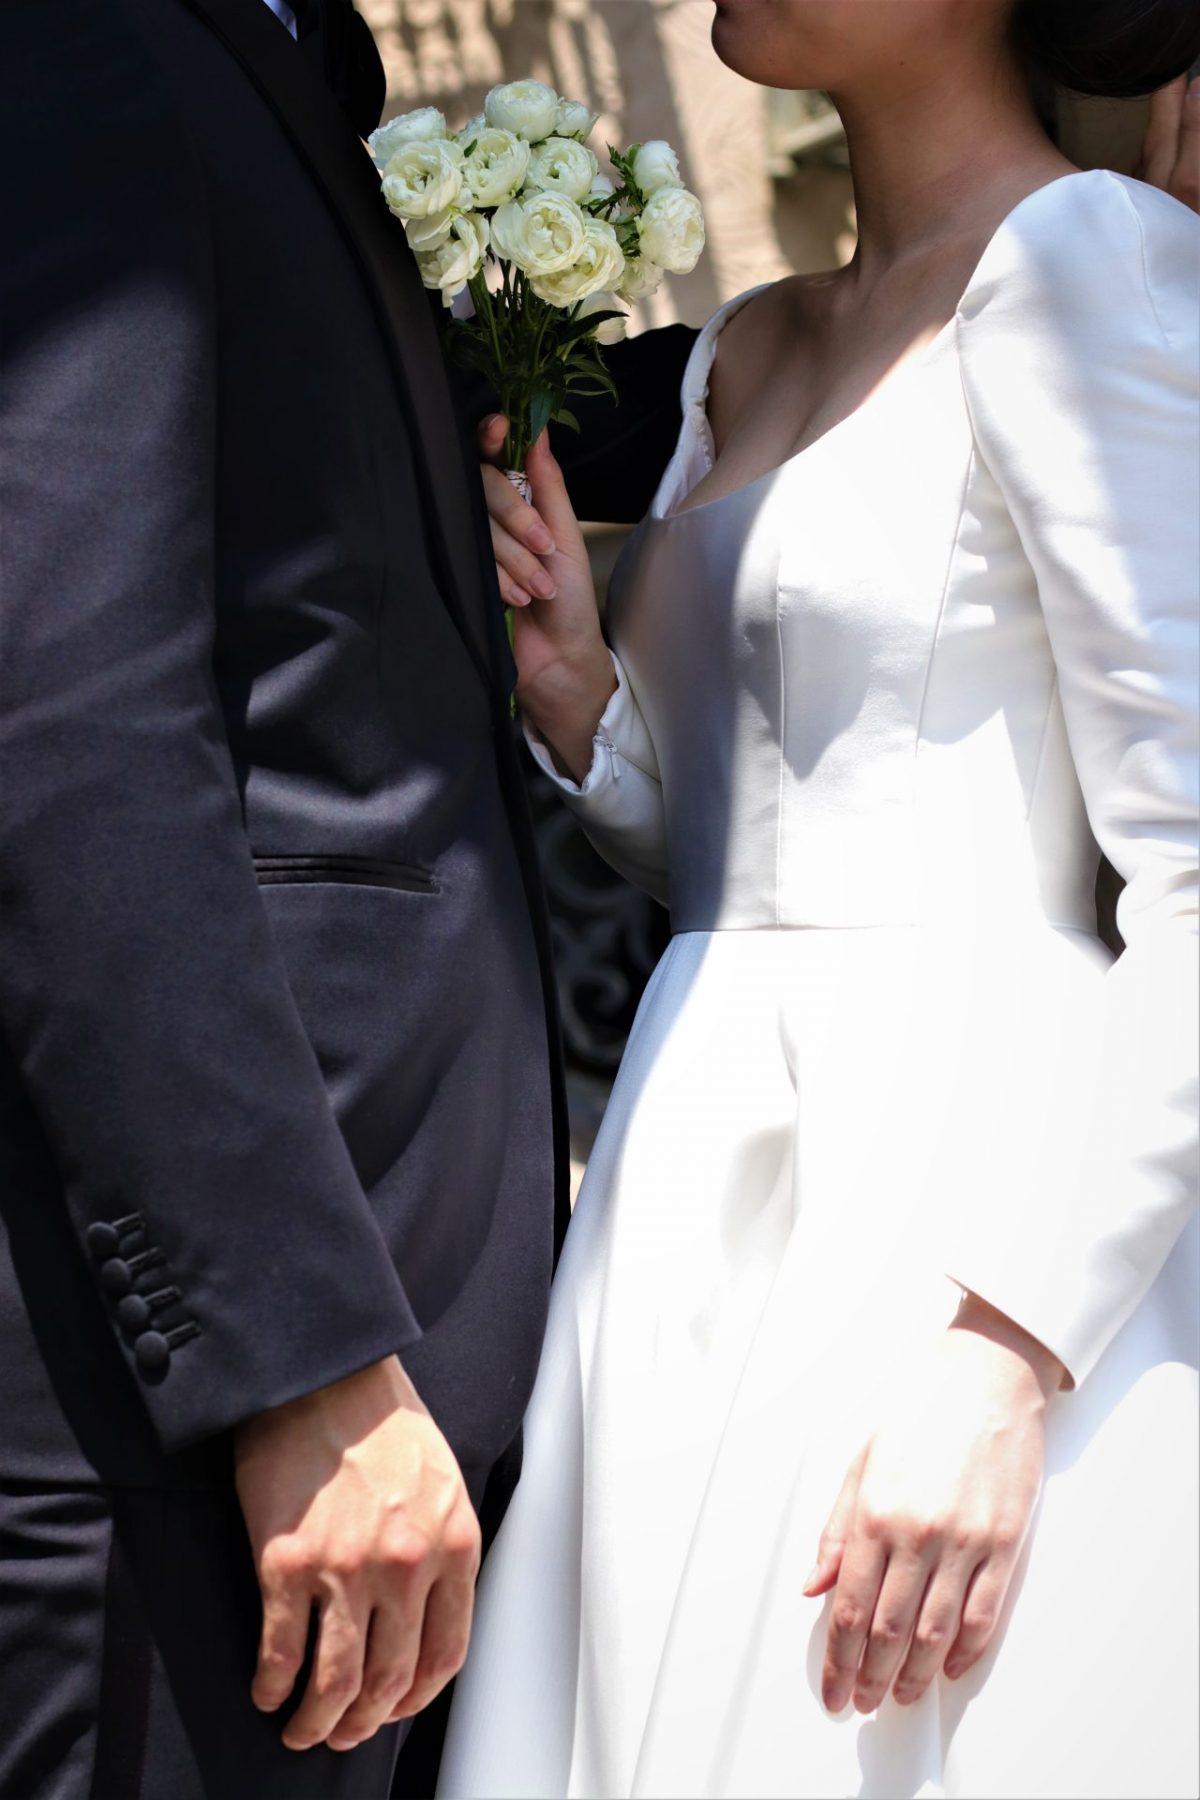 東京表参道のドレスショップTHETREATDRESSINGアディション店からご提案するのは、人気のシルクサテンのロングスリーブのウェディングドレスとフォーマルなブラックタキシードのコーディネートは秋冬の結婚式の新郎新婦様におすすめの組み合わせです